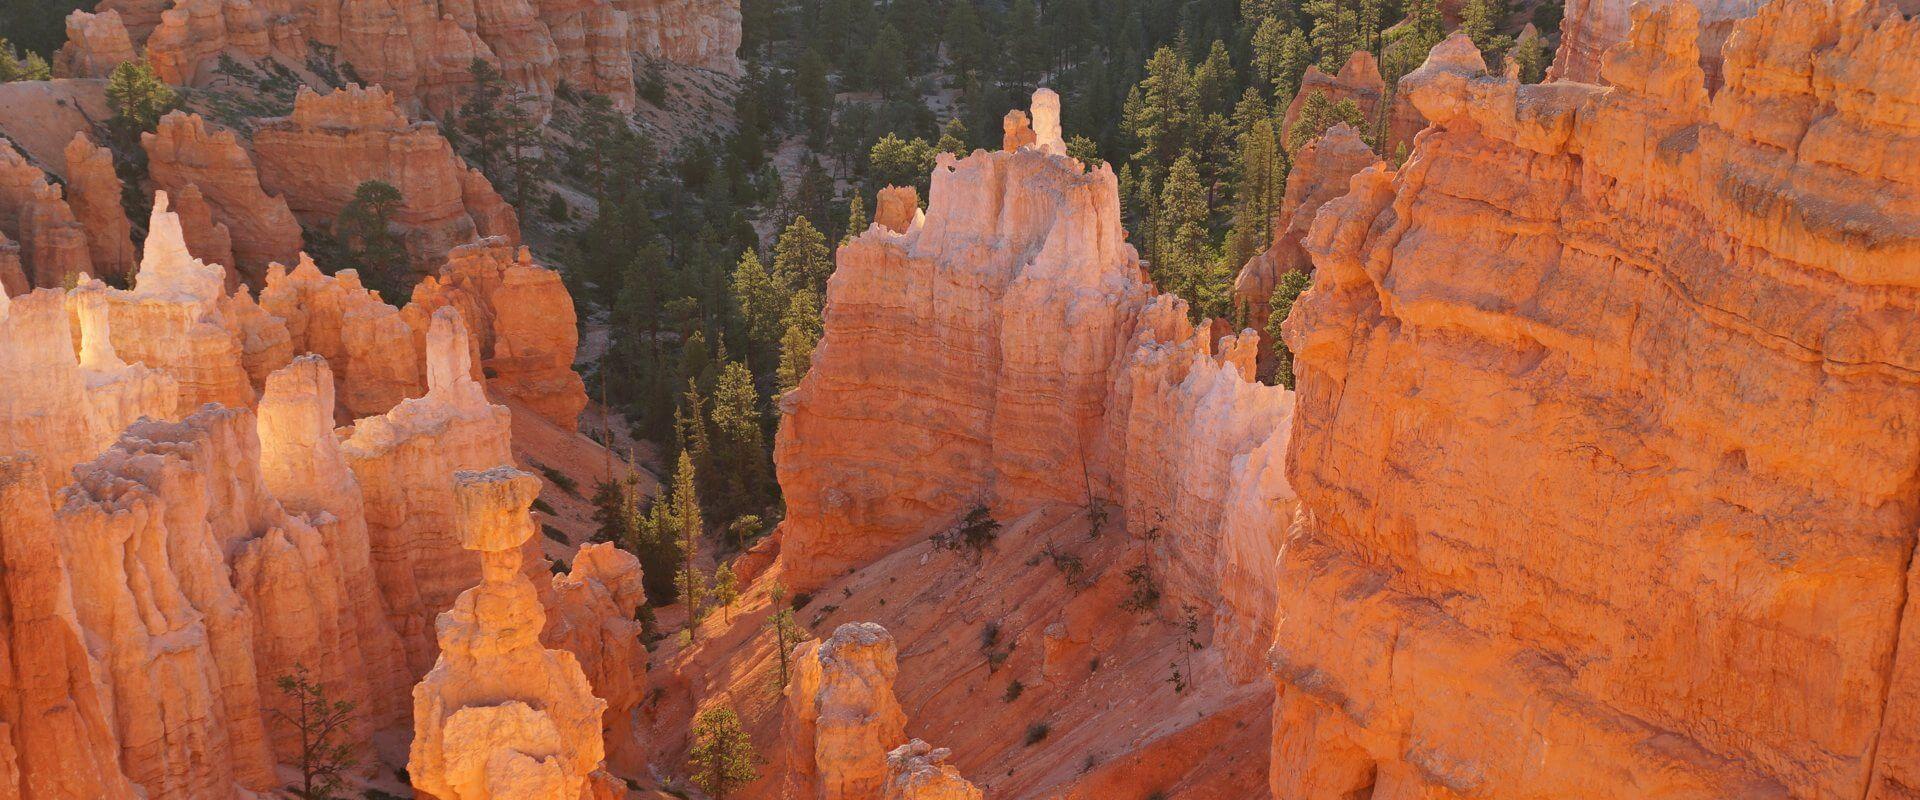 Eine zauberhafte Welt – Sonnenuntergang am Bryce Canyon